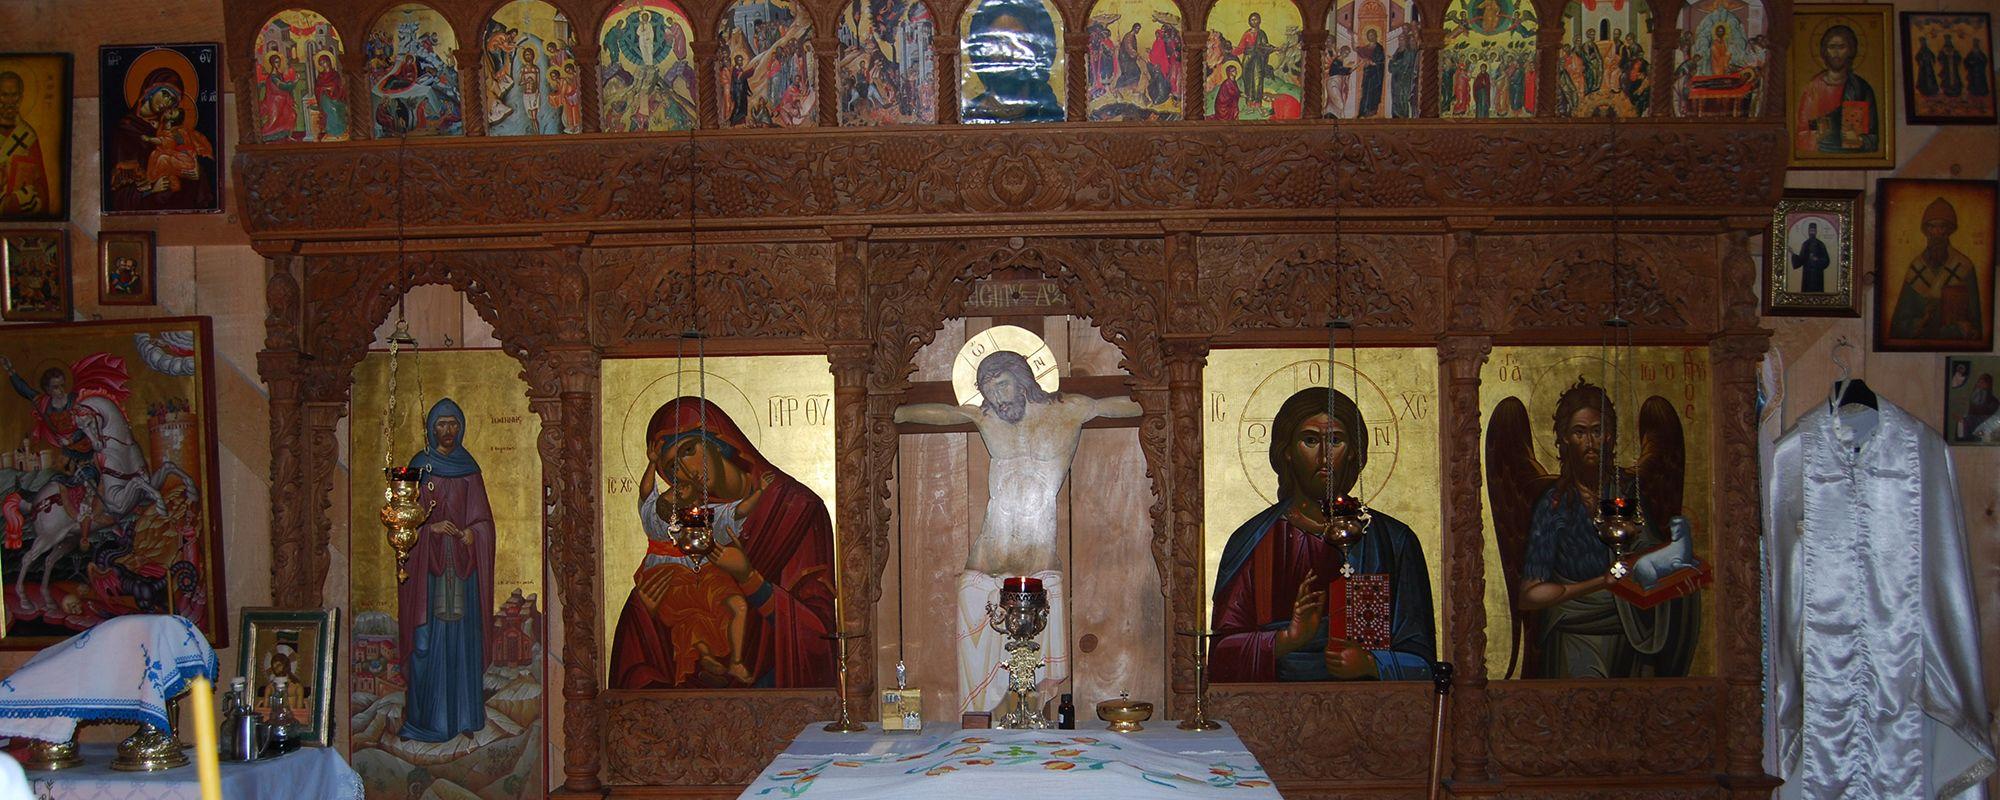 San Giovanni; Particolare all'interno del monastero ortodosso di San Giovanni Therestis